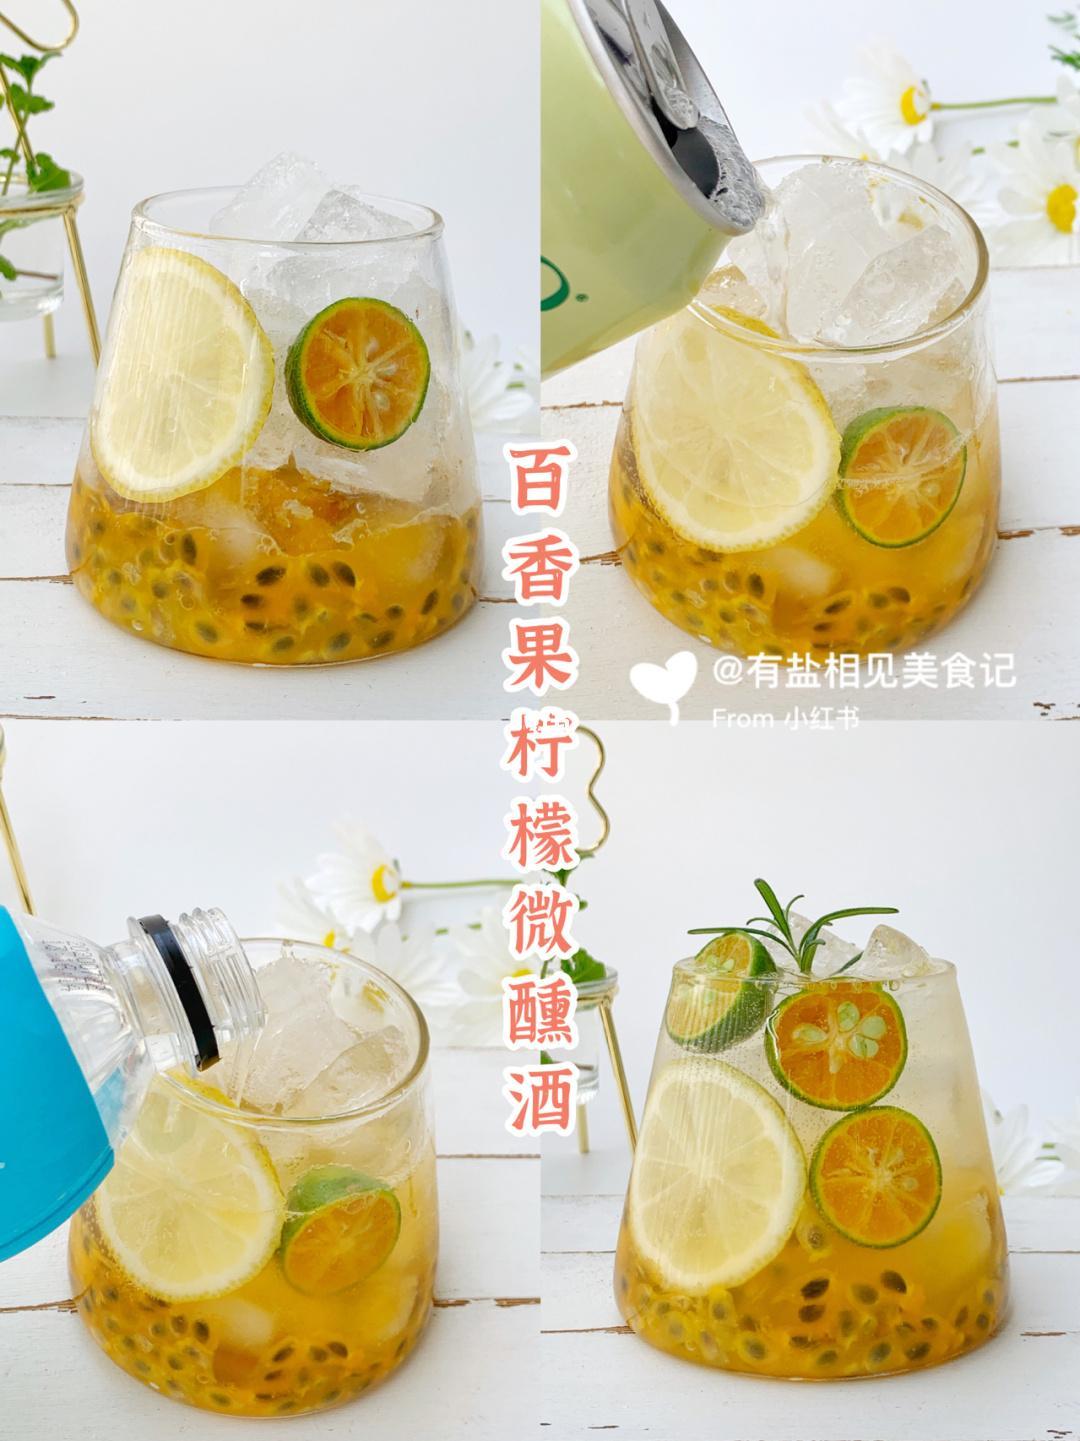 微醺果酒_okjer.com